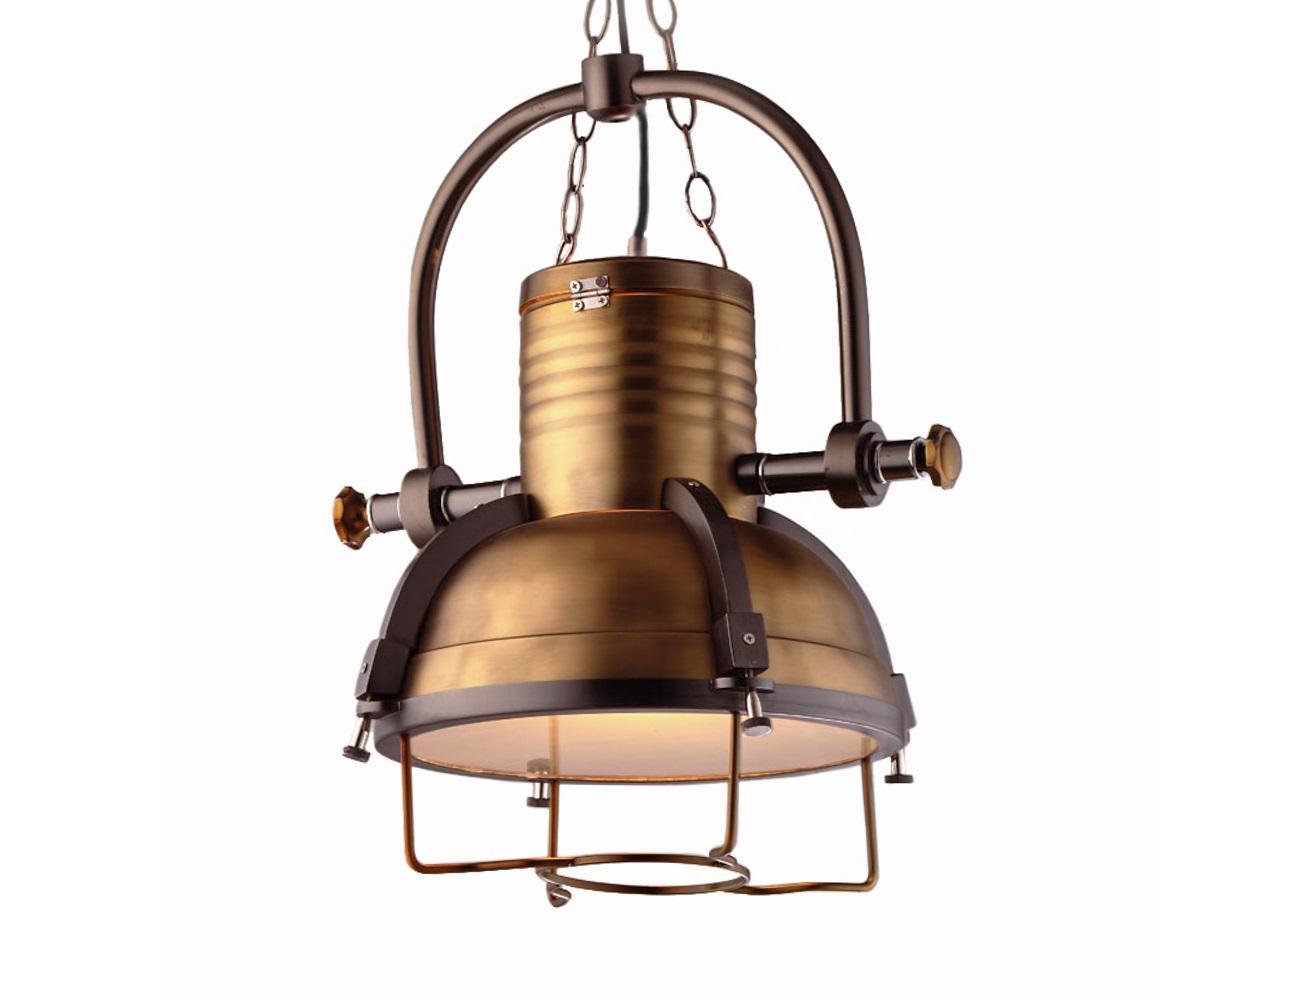 Светильник Fork BrassПодвесные светильники<br>Подвесной светильник Fork выполнен в современном стиле лофт. Некая брутальность чувствуется в каждой детали этого интересного изделия,выполненного полностью из металла. Подвесной светильник станет отличным дополнением для Вашей современной кухни или модного бара.&amp;lt;div&amp;gt;&amp;lt;br&amp;gt;&amp;lt;/div&amp;gt;&amp;lt;div&amp;gt;&amp;lt;div&amp;gt;Вид цоколя: E27&amp;lt;/div&amp;gt;&amp;lt;div&amp;gt;Мощность: &amp;amp;nbsp;40W&amp;amp;nbsp;&amp;lt;/div&amp;gt;&amp;lt;div&amp;gt;Количество ламп: 1&amp;lt;/div&amp;gt;&amp;lt;/div&amp;gt;<br><br>Material: Металл<br>Height см: 50<br>Diameter см: 46